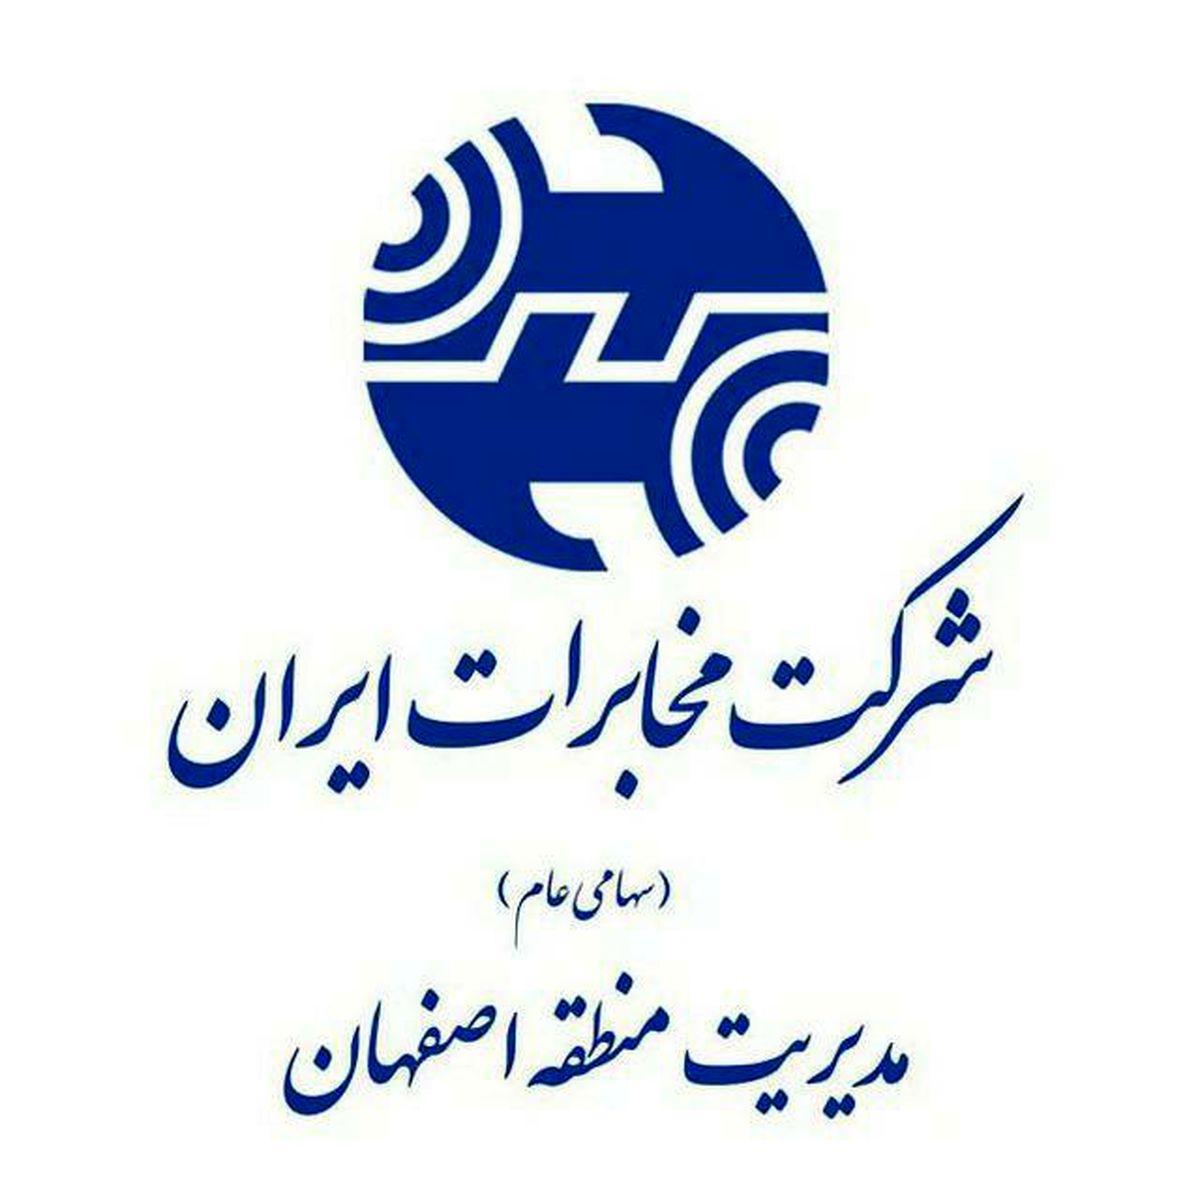 کسب رتبه اول مخابرات منطقه اصفهان موفق در ارزیابی عملکرد امور مشتریان در کشور